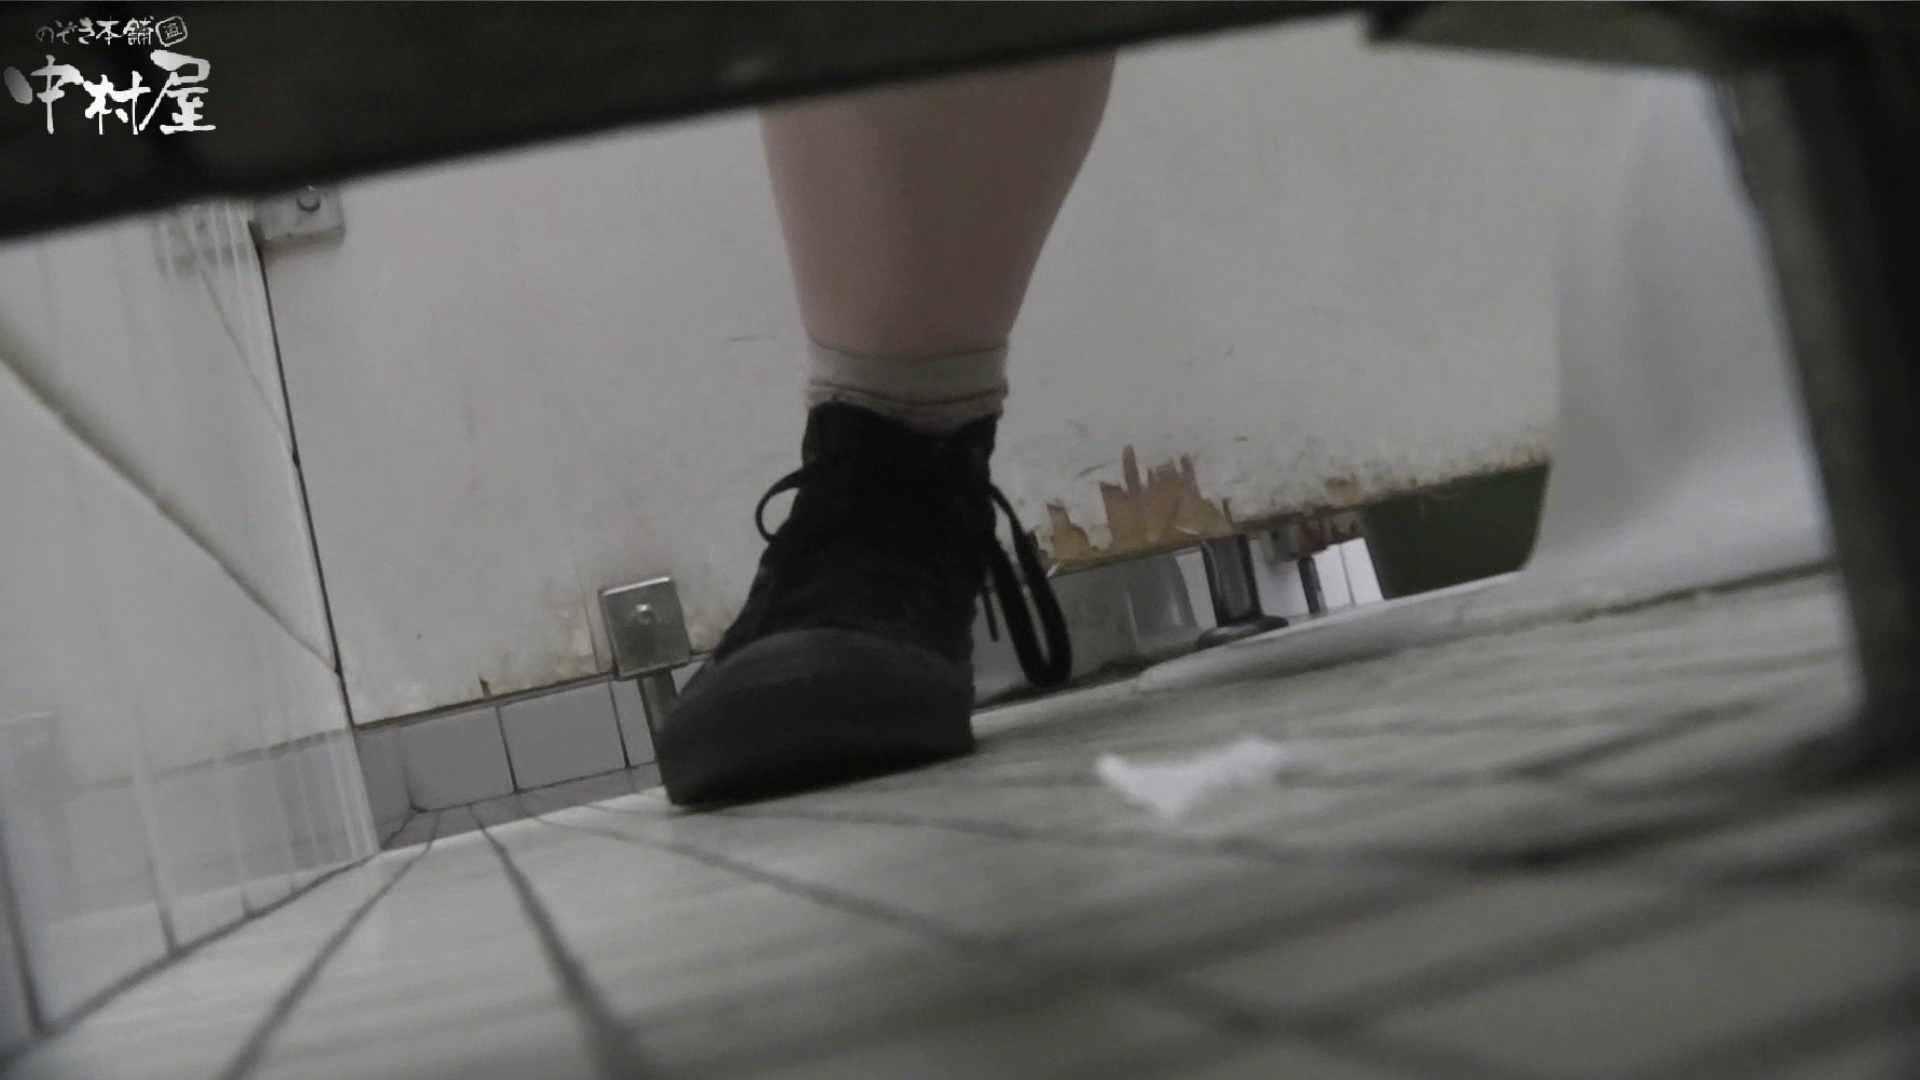 vol.45 命がけ潜伏洗面所! おしゃれおねぃさん、もよおすの巻 0 | 0  89pic 41